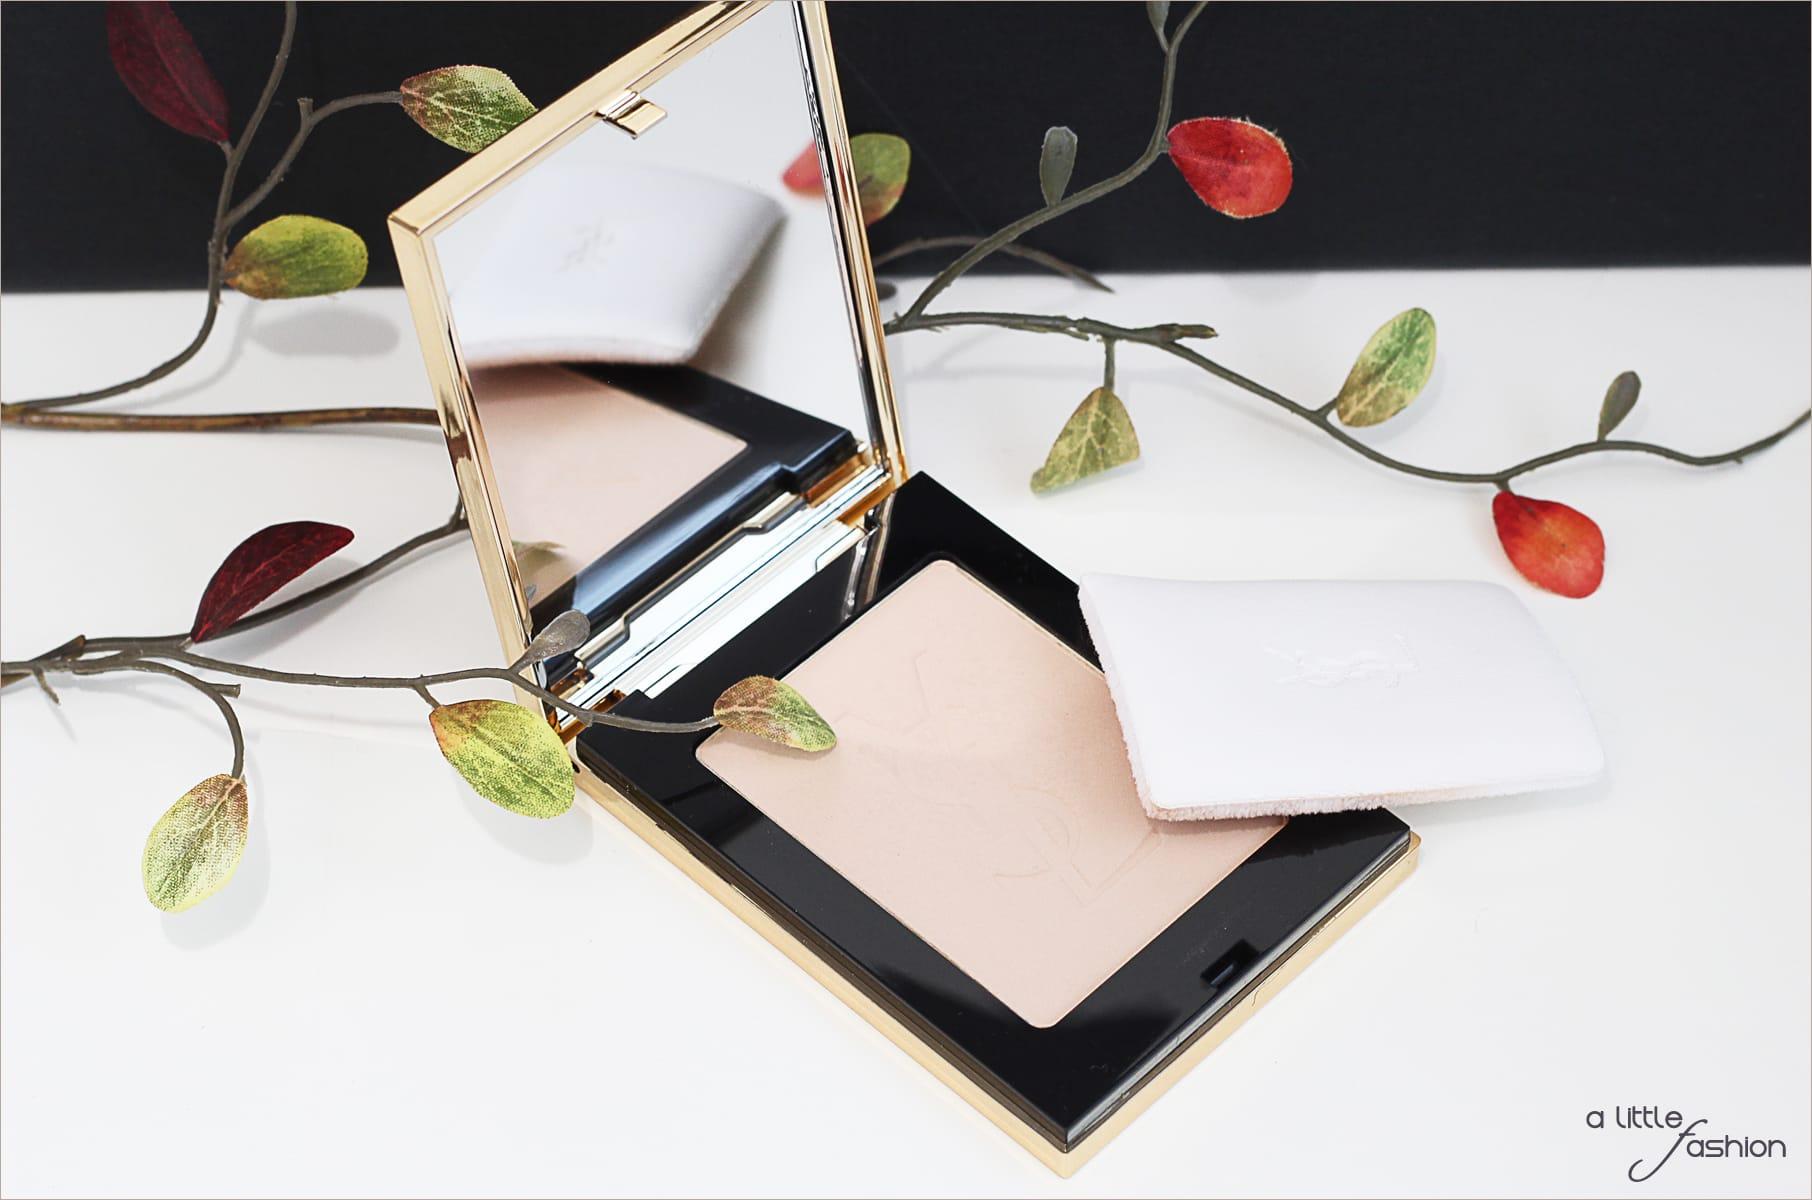 lifestyle_praktische-helfer-handtasche_unterwegs_beauty_smartphone9-min